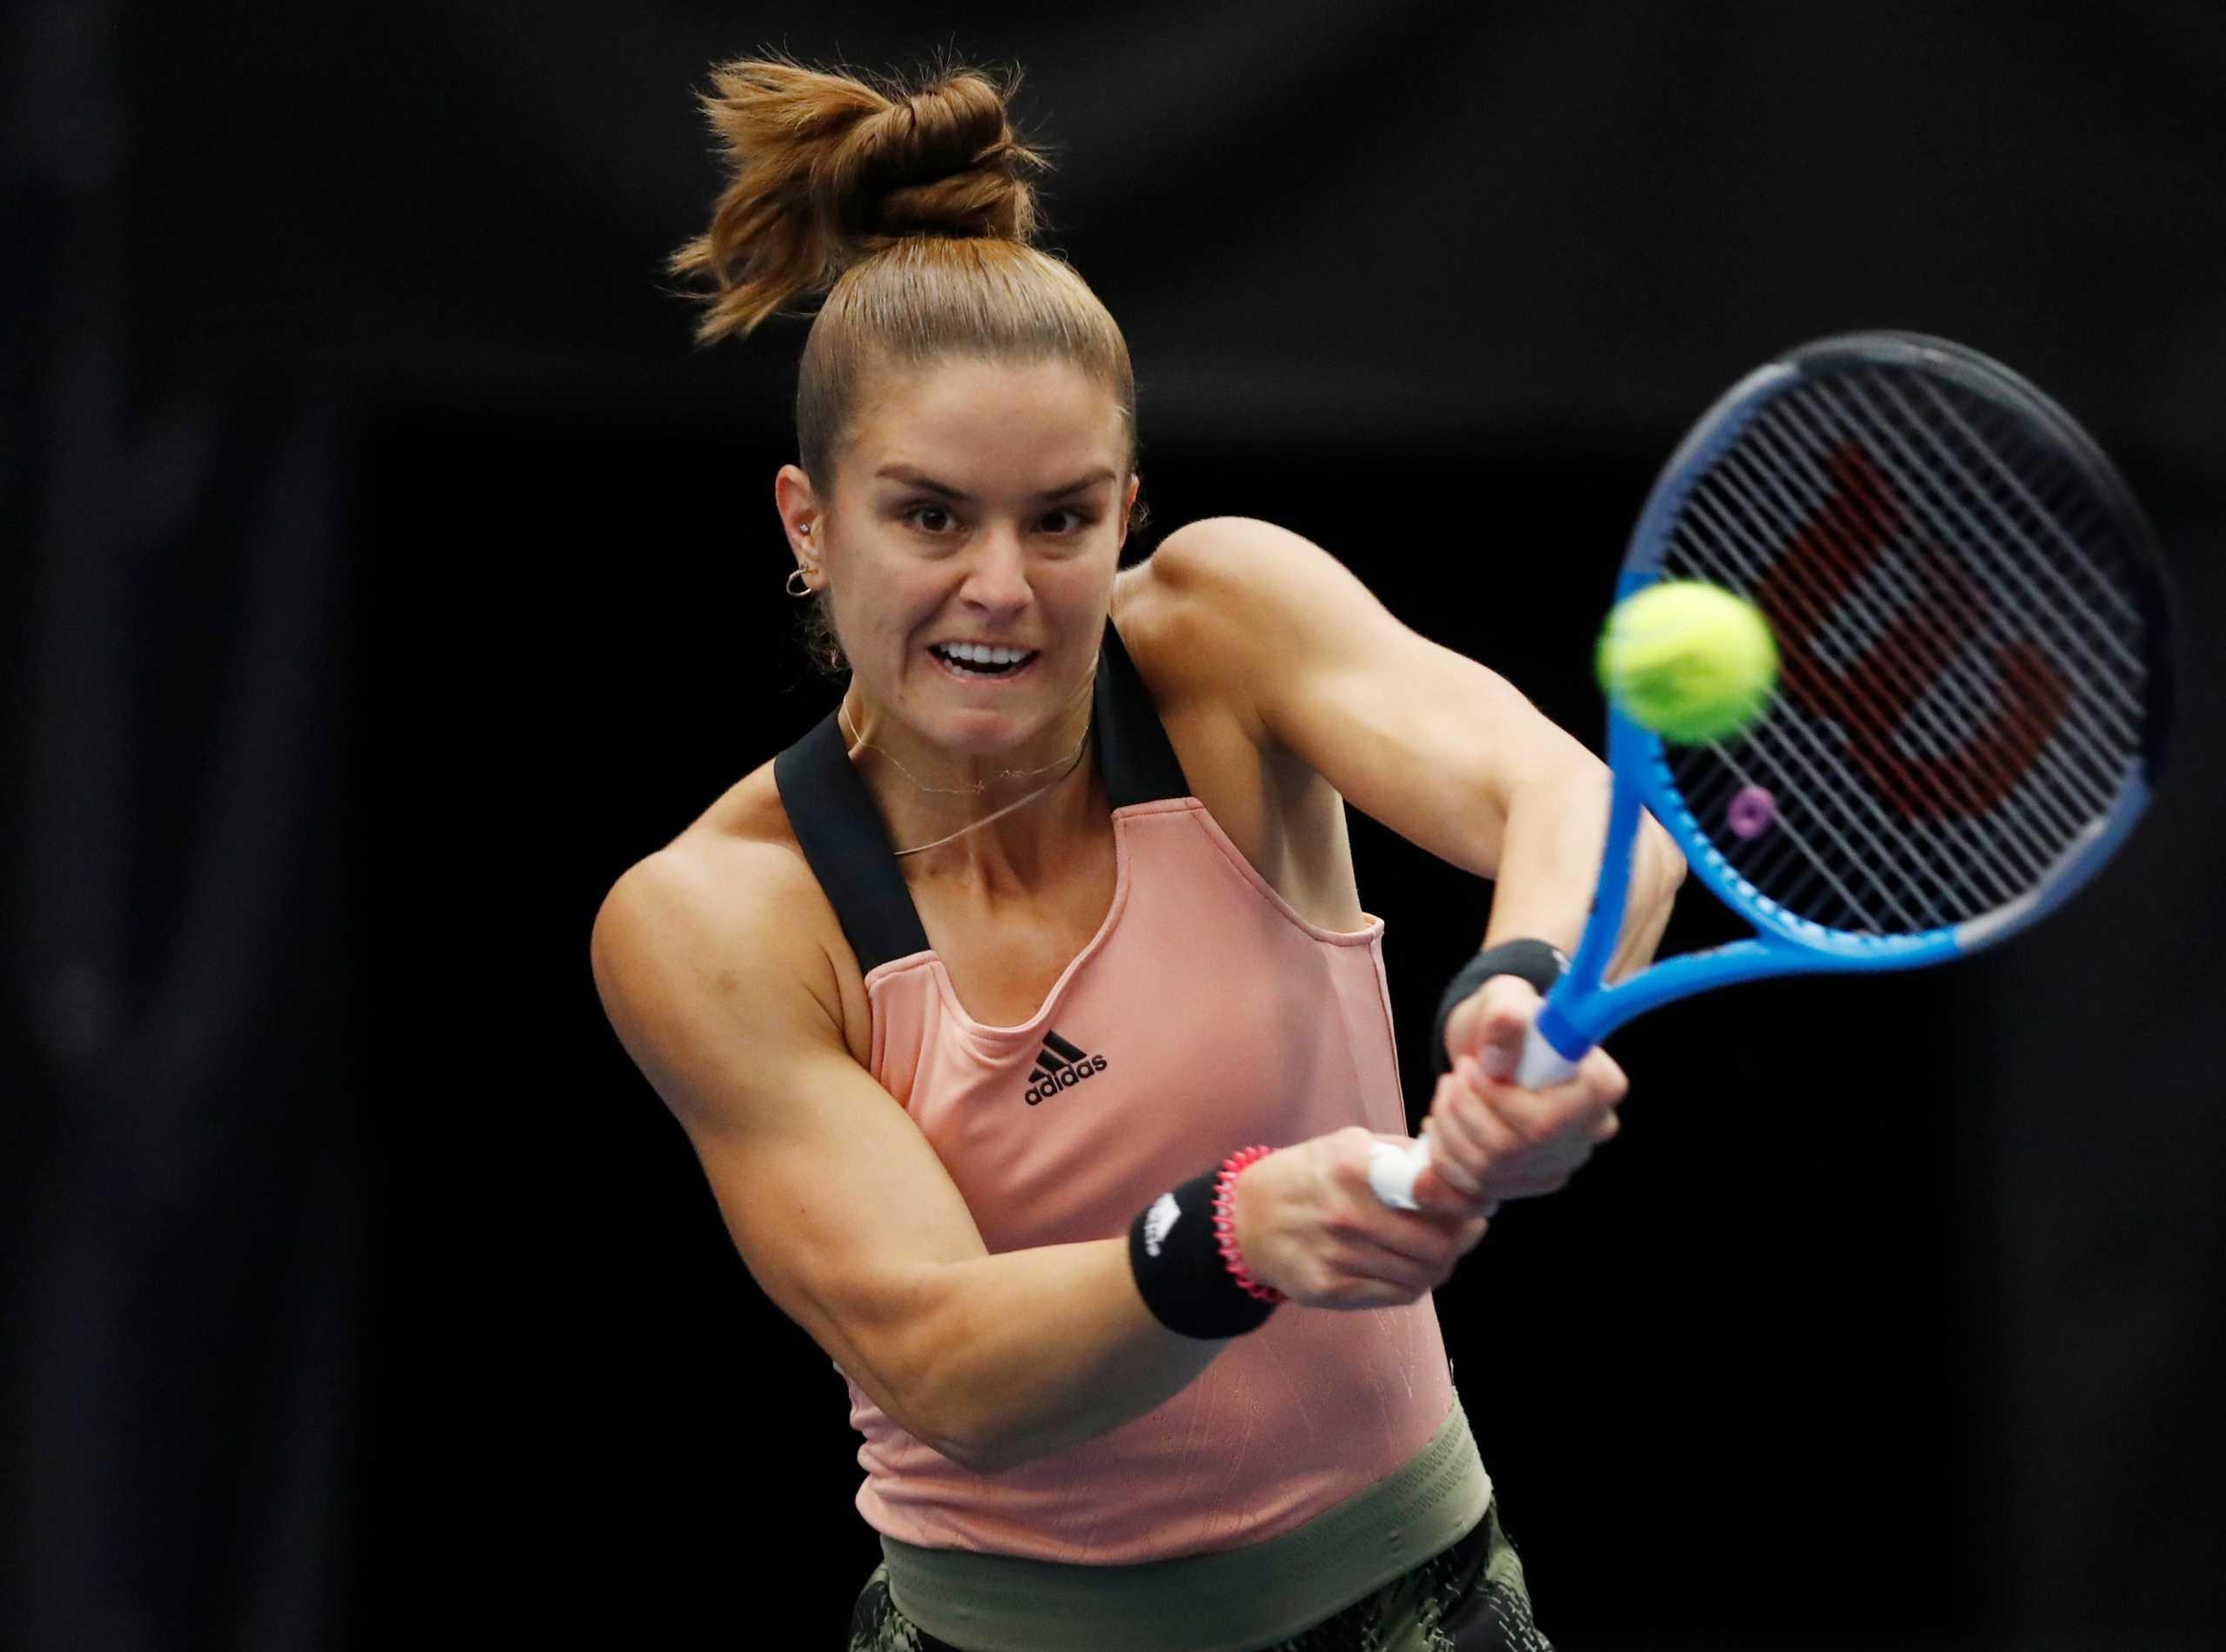 Μαρία Σάκκαρη – Ίγκα Σβιόντεκ LIVE για τα ημιτελικά του Ostrava Open